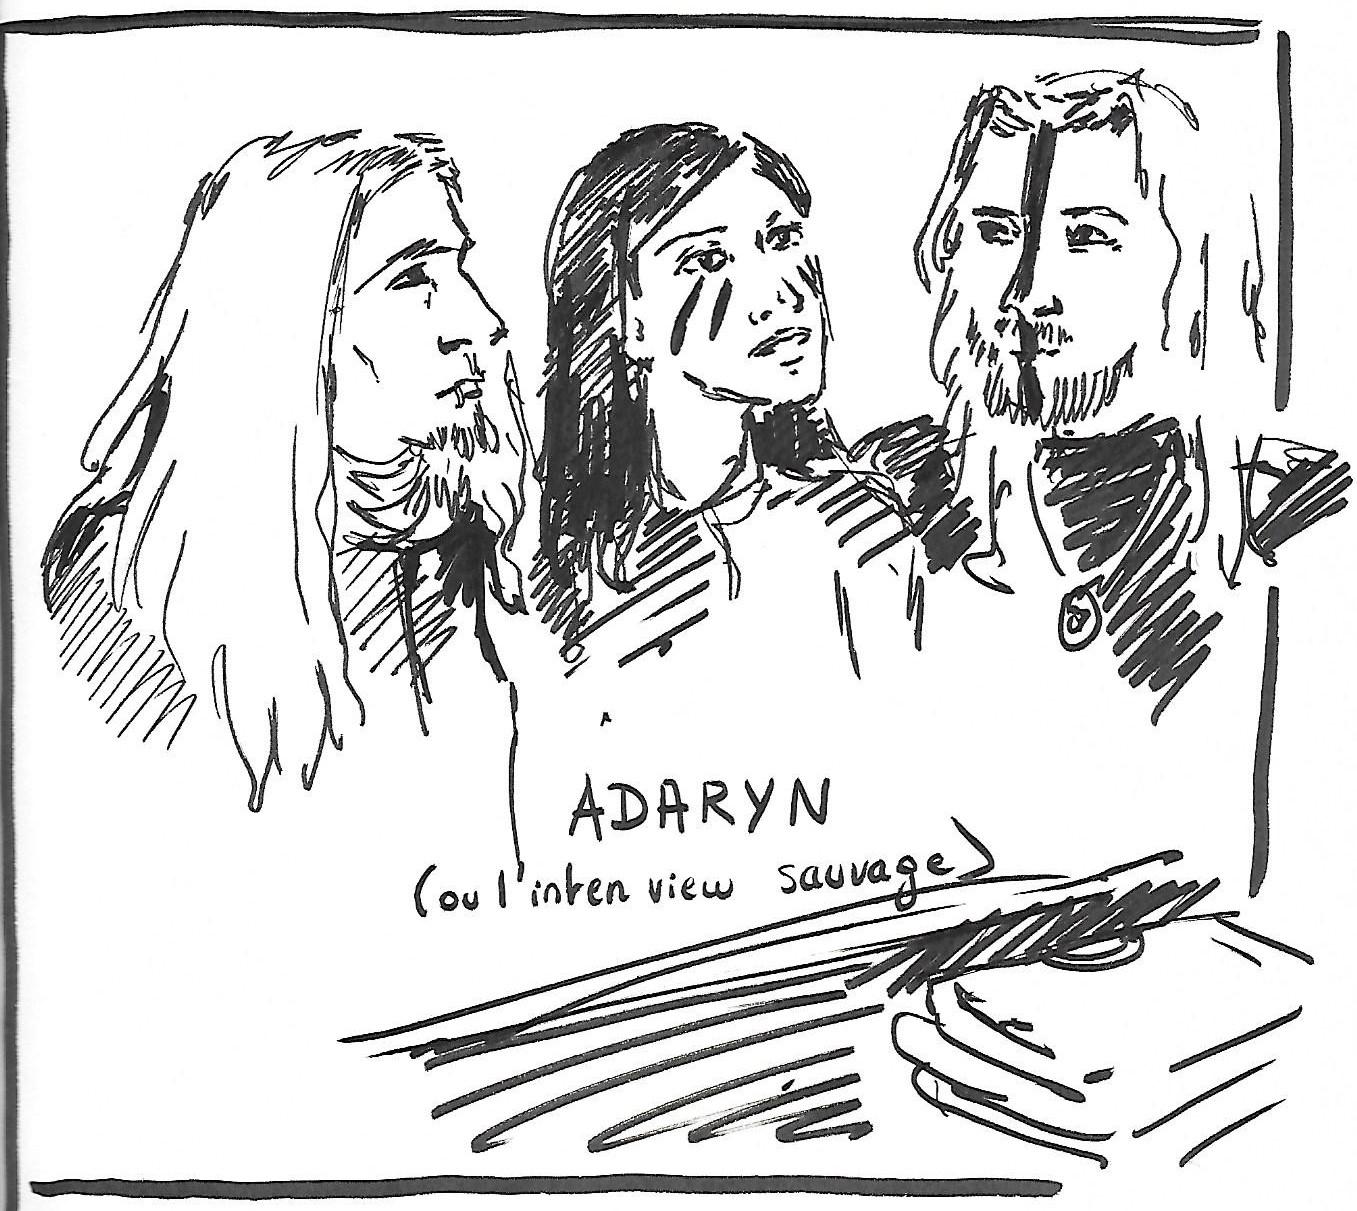 dessin adaryn